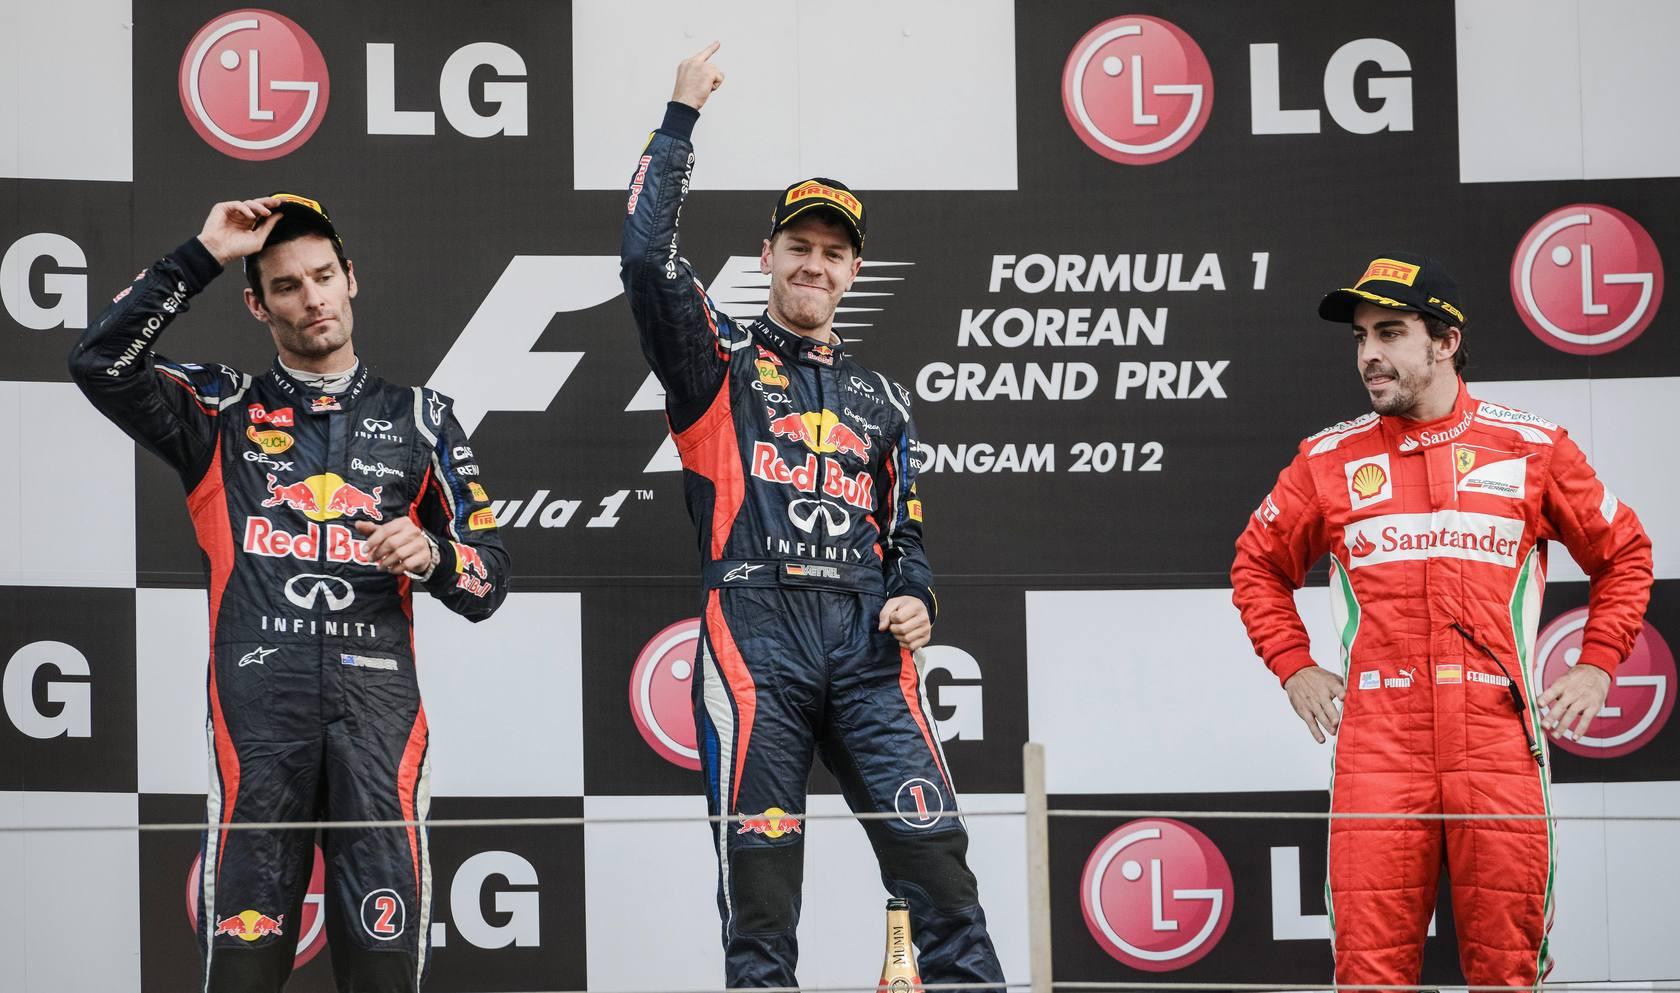 Gran Premio de Corea de Fórmula Uno